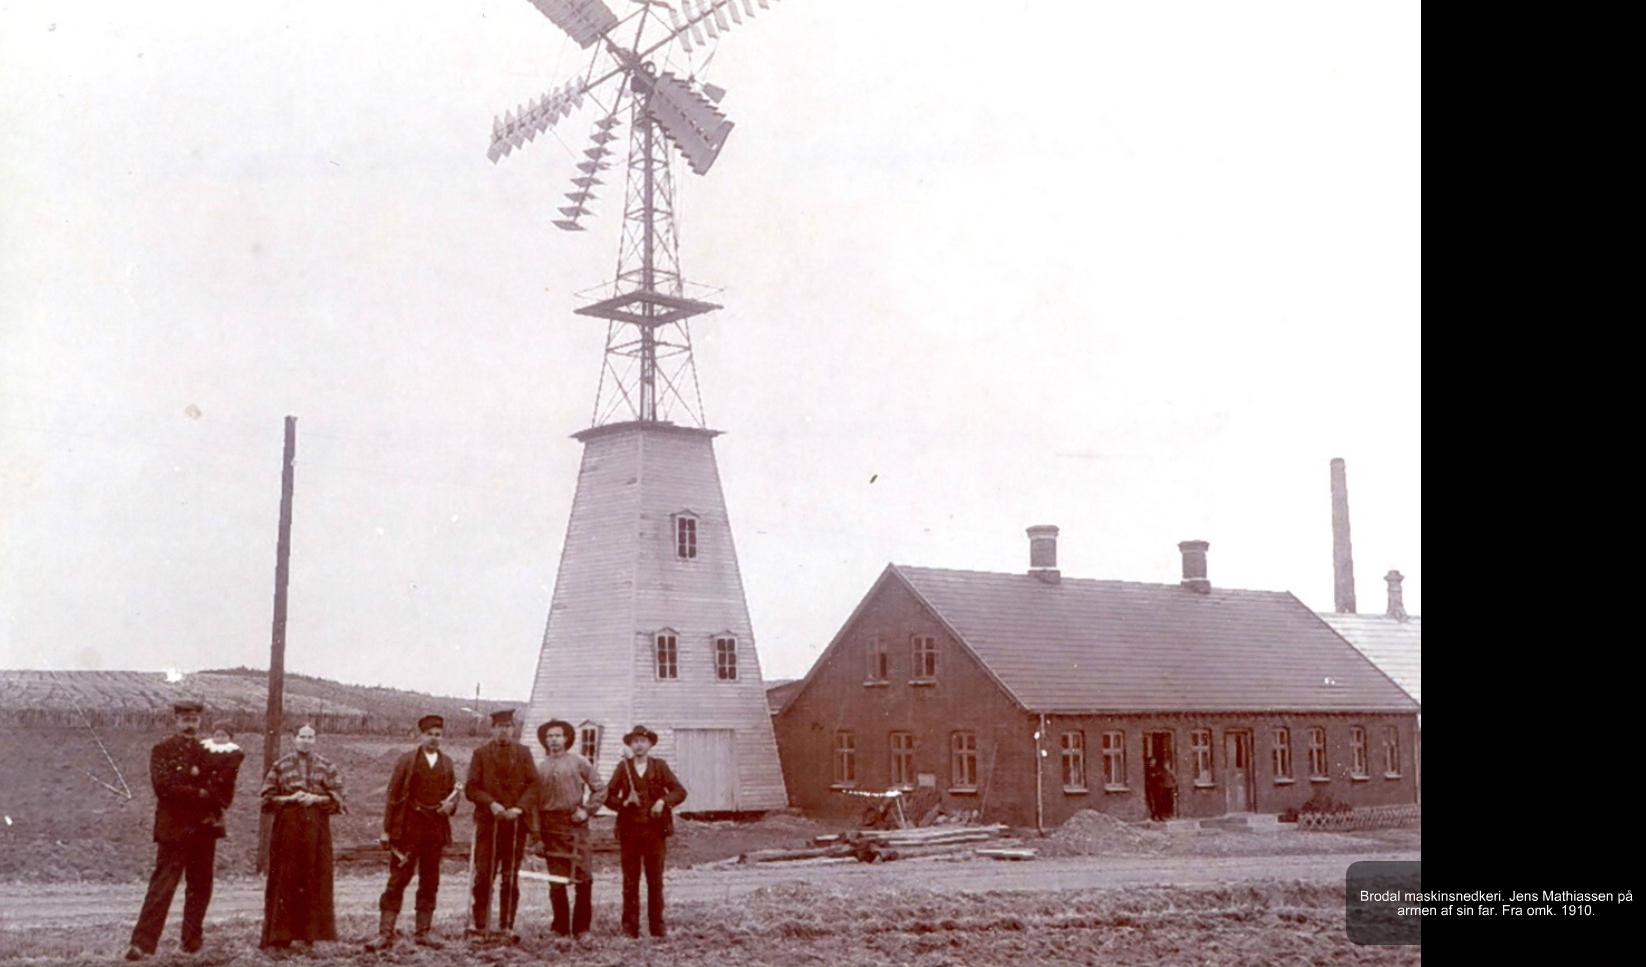 Brodal Maskinsnedkeri fra omkt. 1910